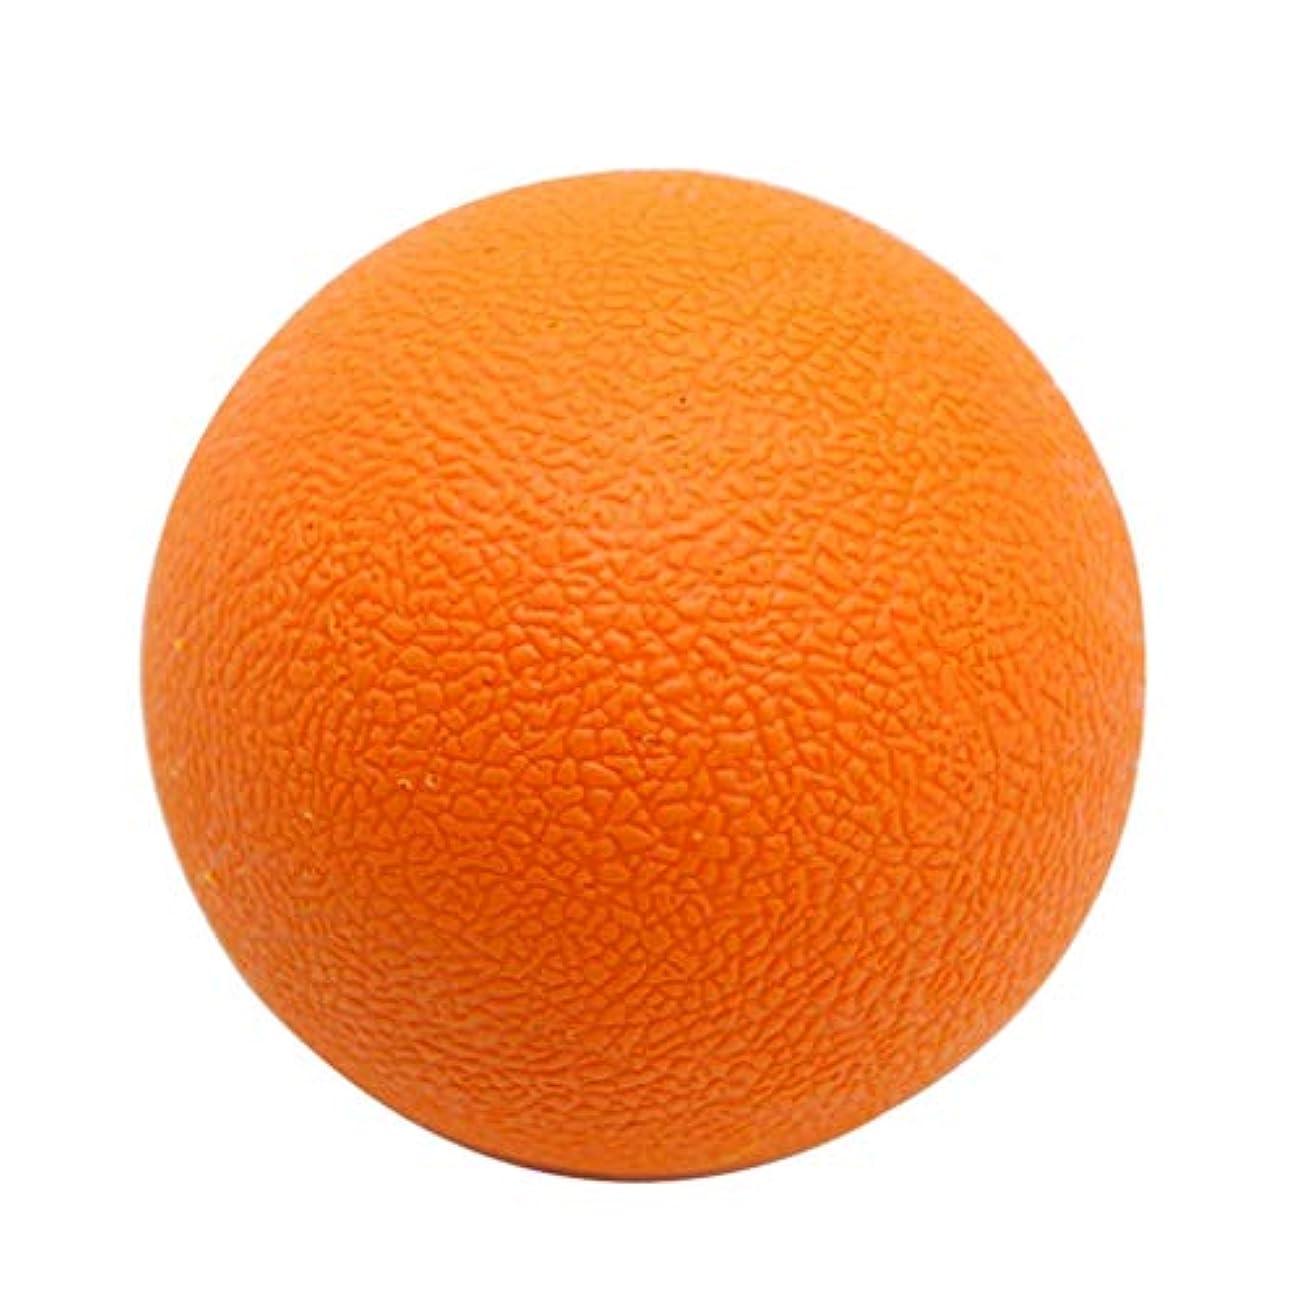 土ブリリアント水曜日マッサージボール TPE トリガーポイント 筋膜リリース ツボ押しグッズ 足、腕、首、背中 オレンジ